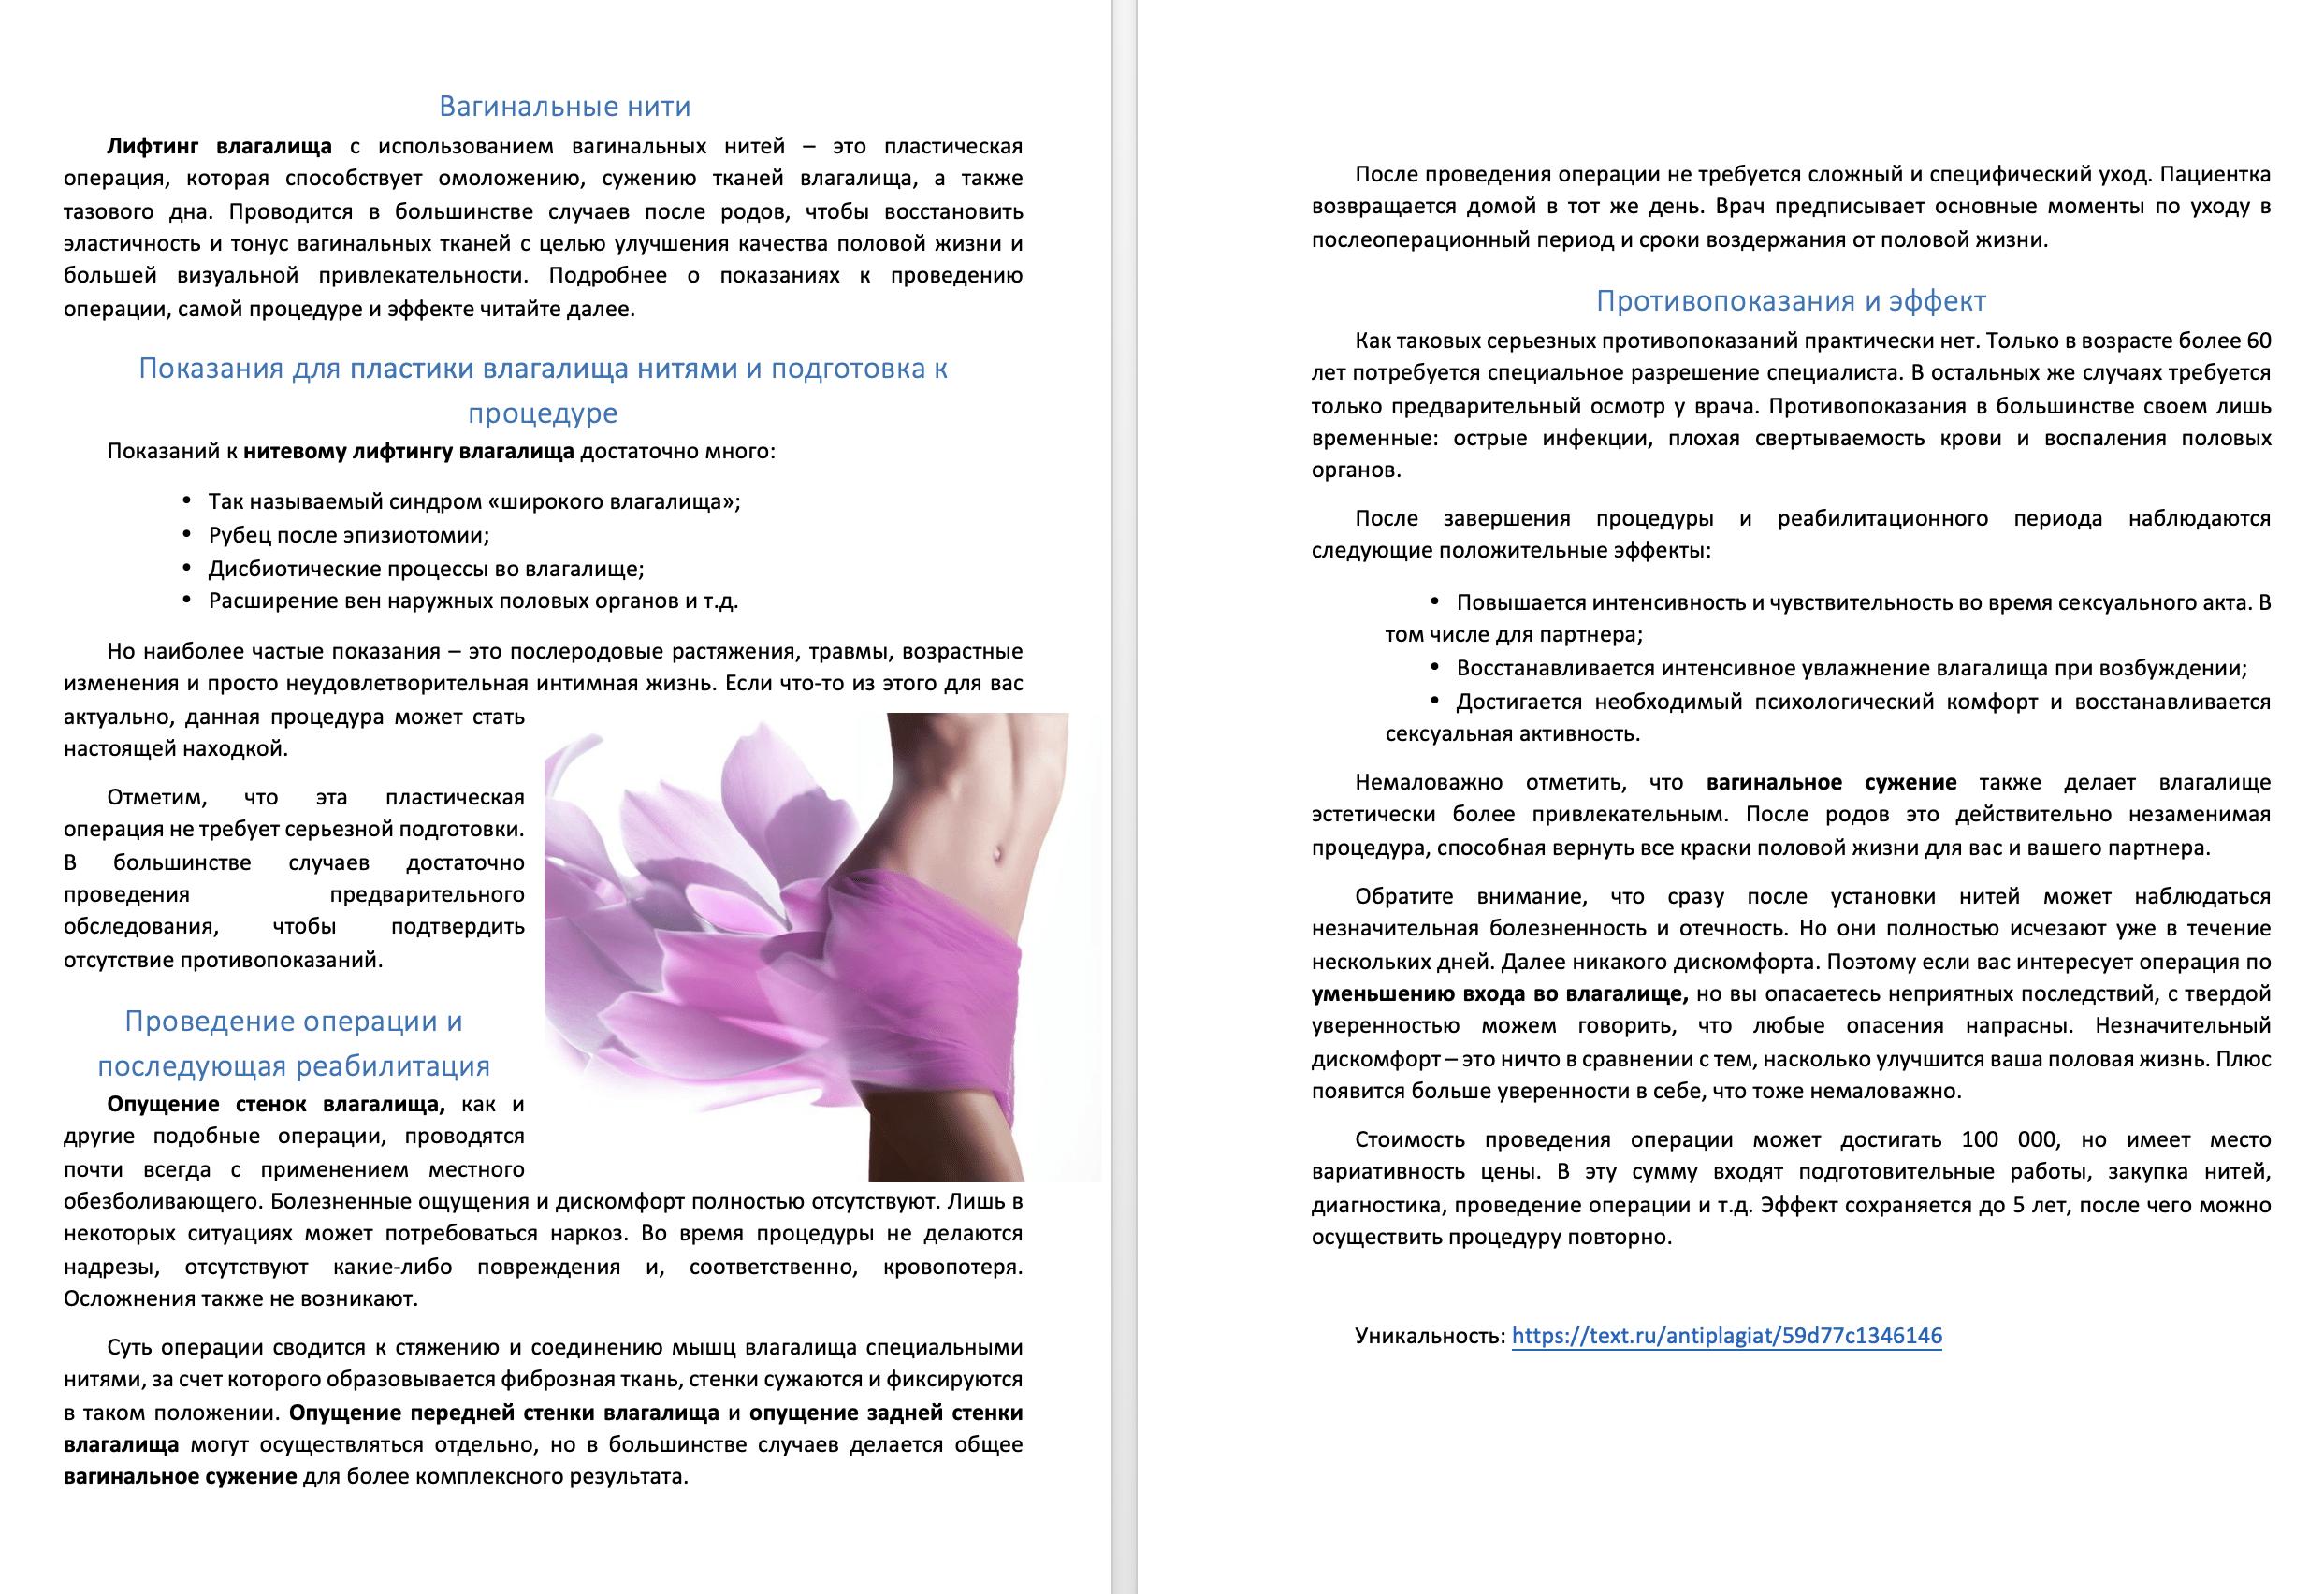 Написание текста на тему вагинальные нити – Пример 84.